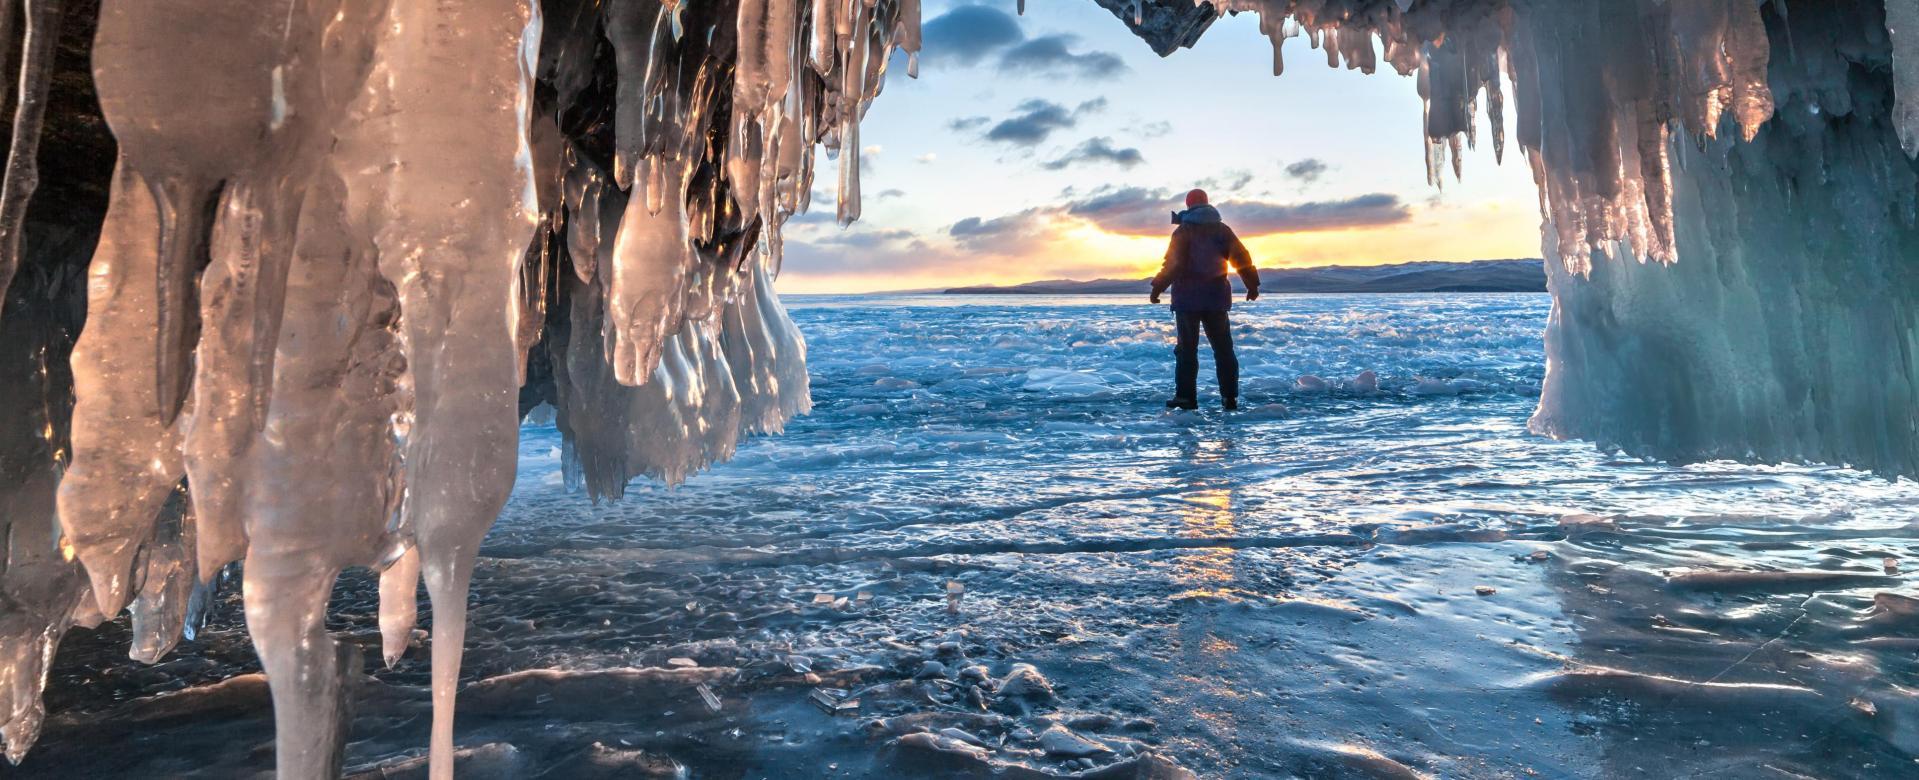 Voyage à la neige Russie : Aventure au baïkal en hiver